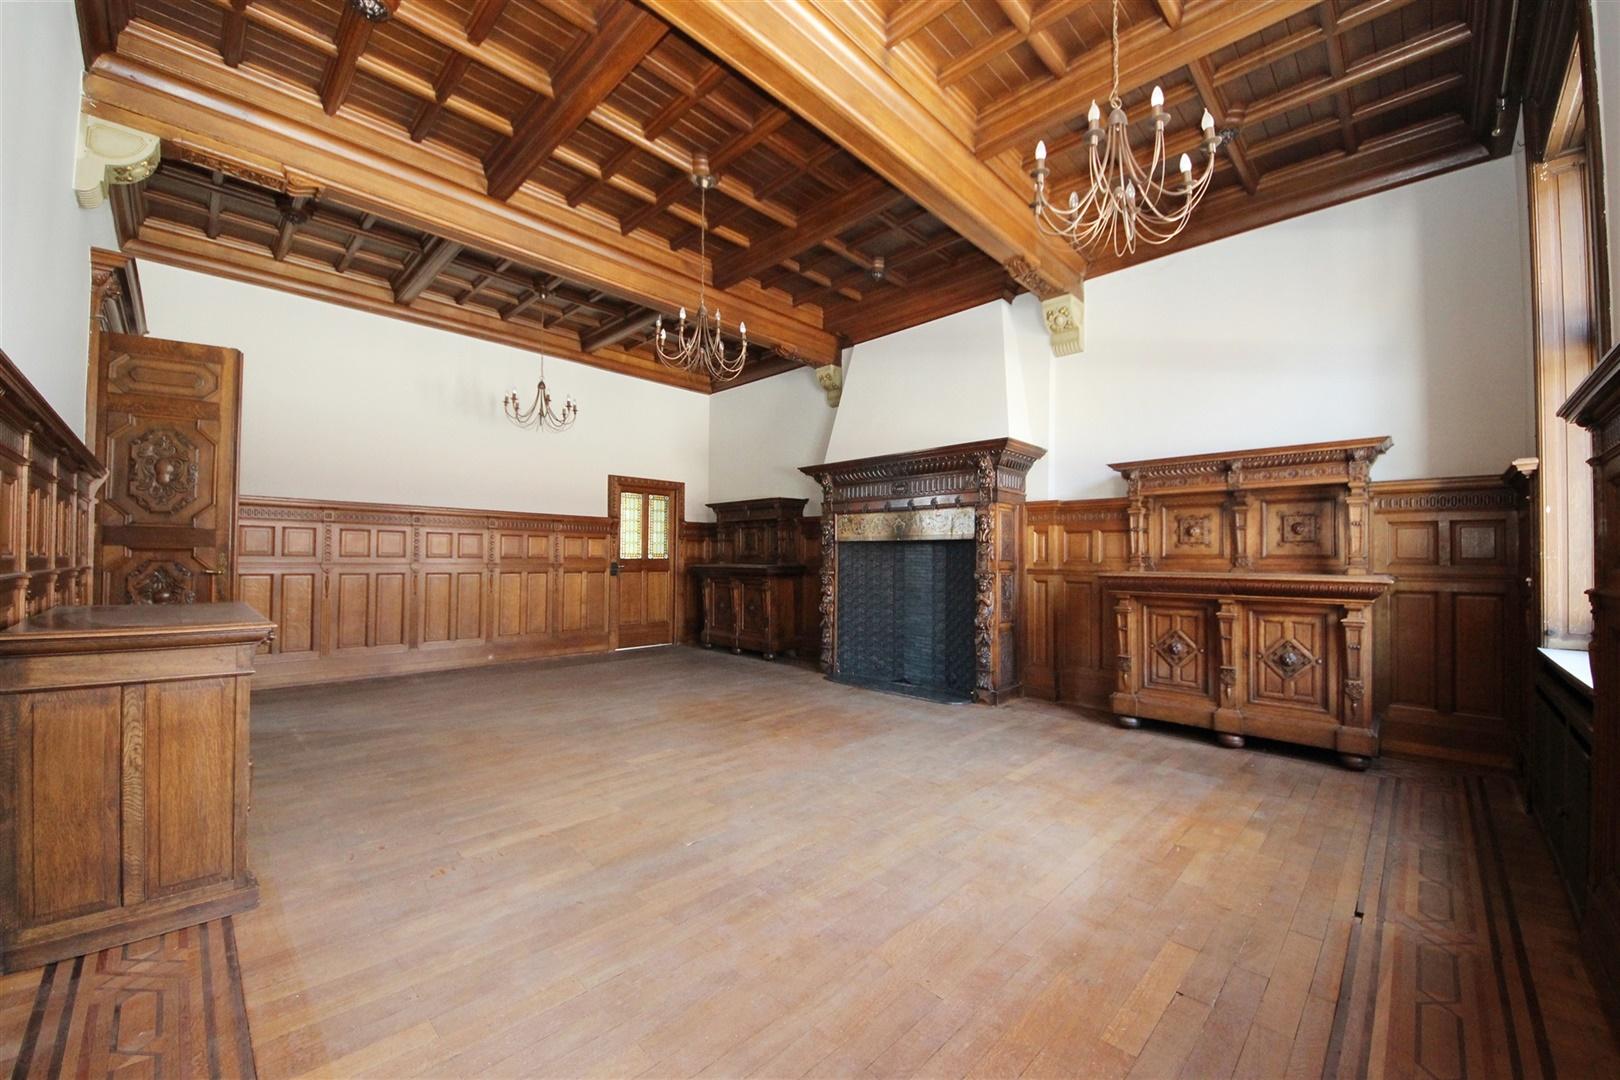 Prachtig gerenoveerd appartement met klasse en uitstraling in een statige, imposante herenwoning!